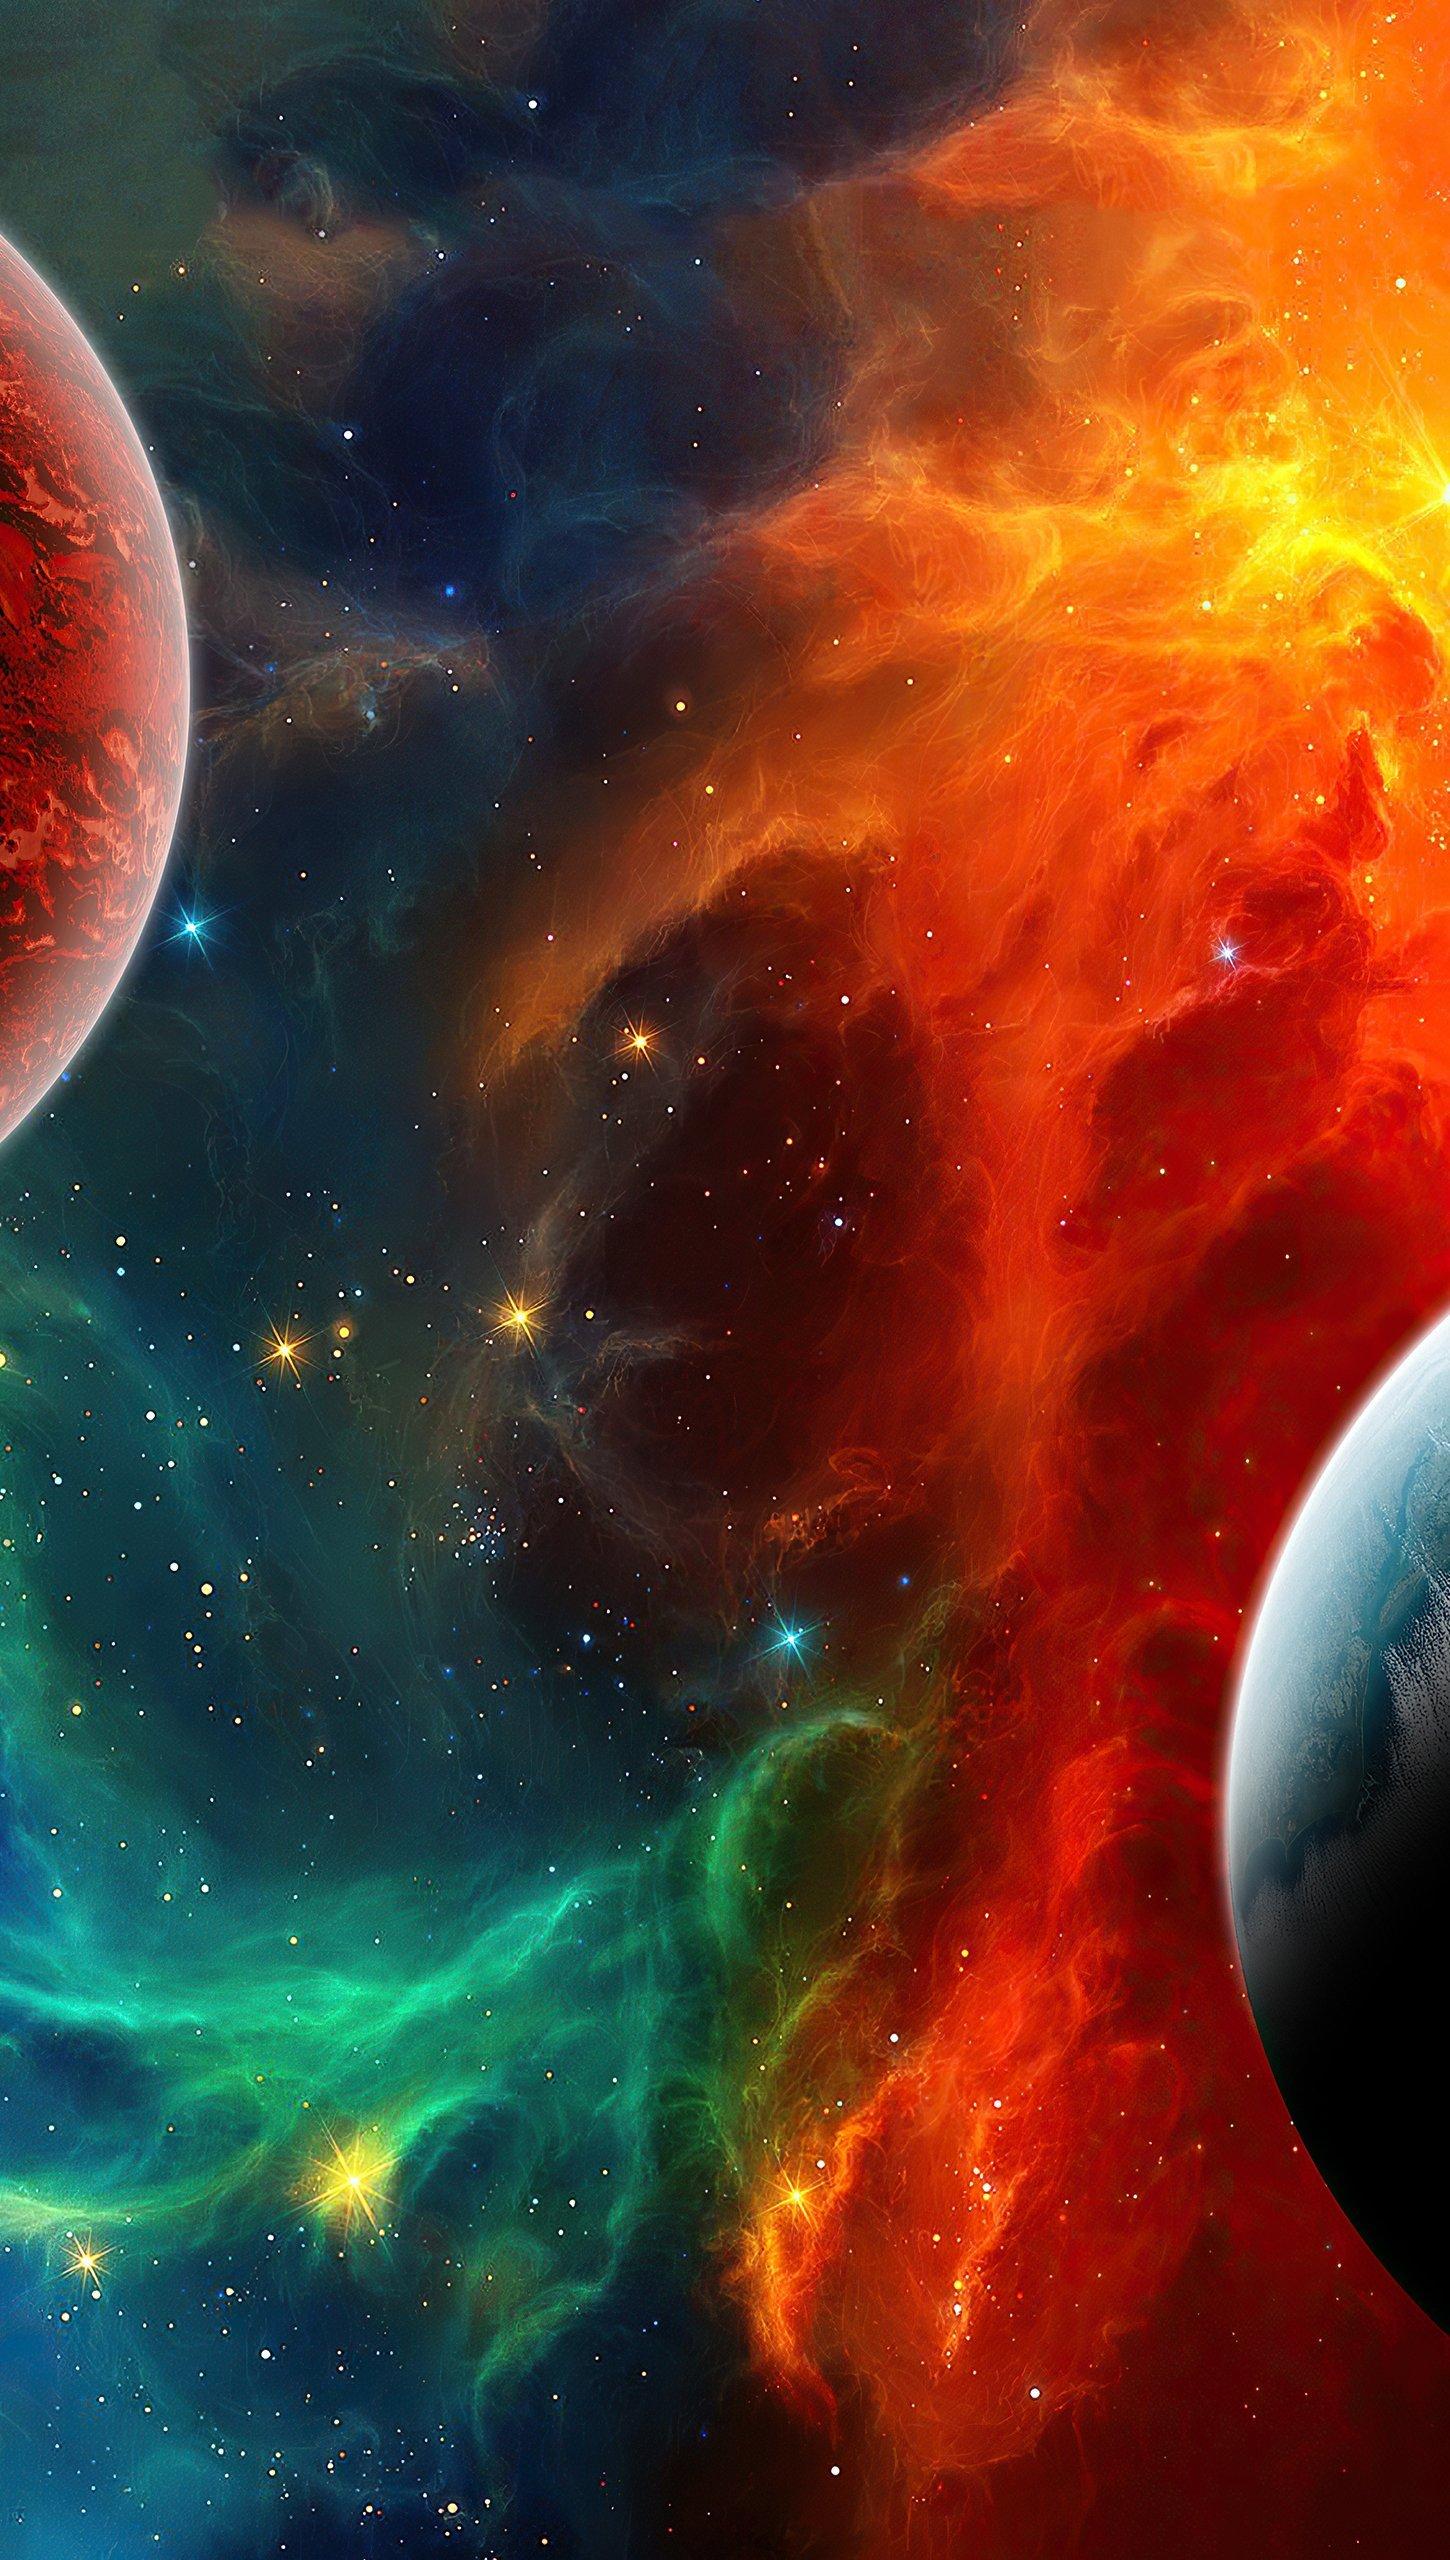 Fondos de pantalla Nebula colorida en el espacio Vertical